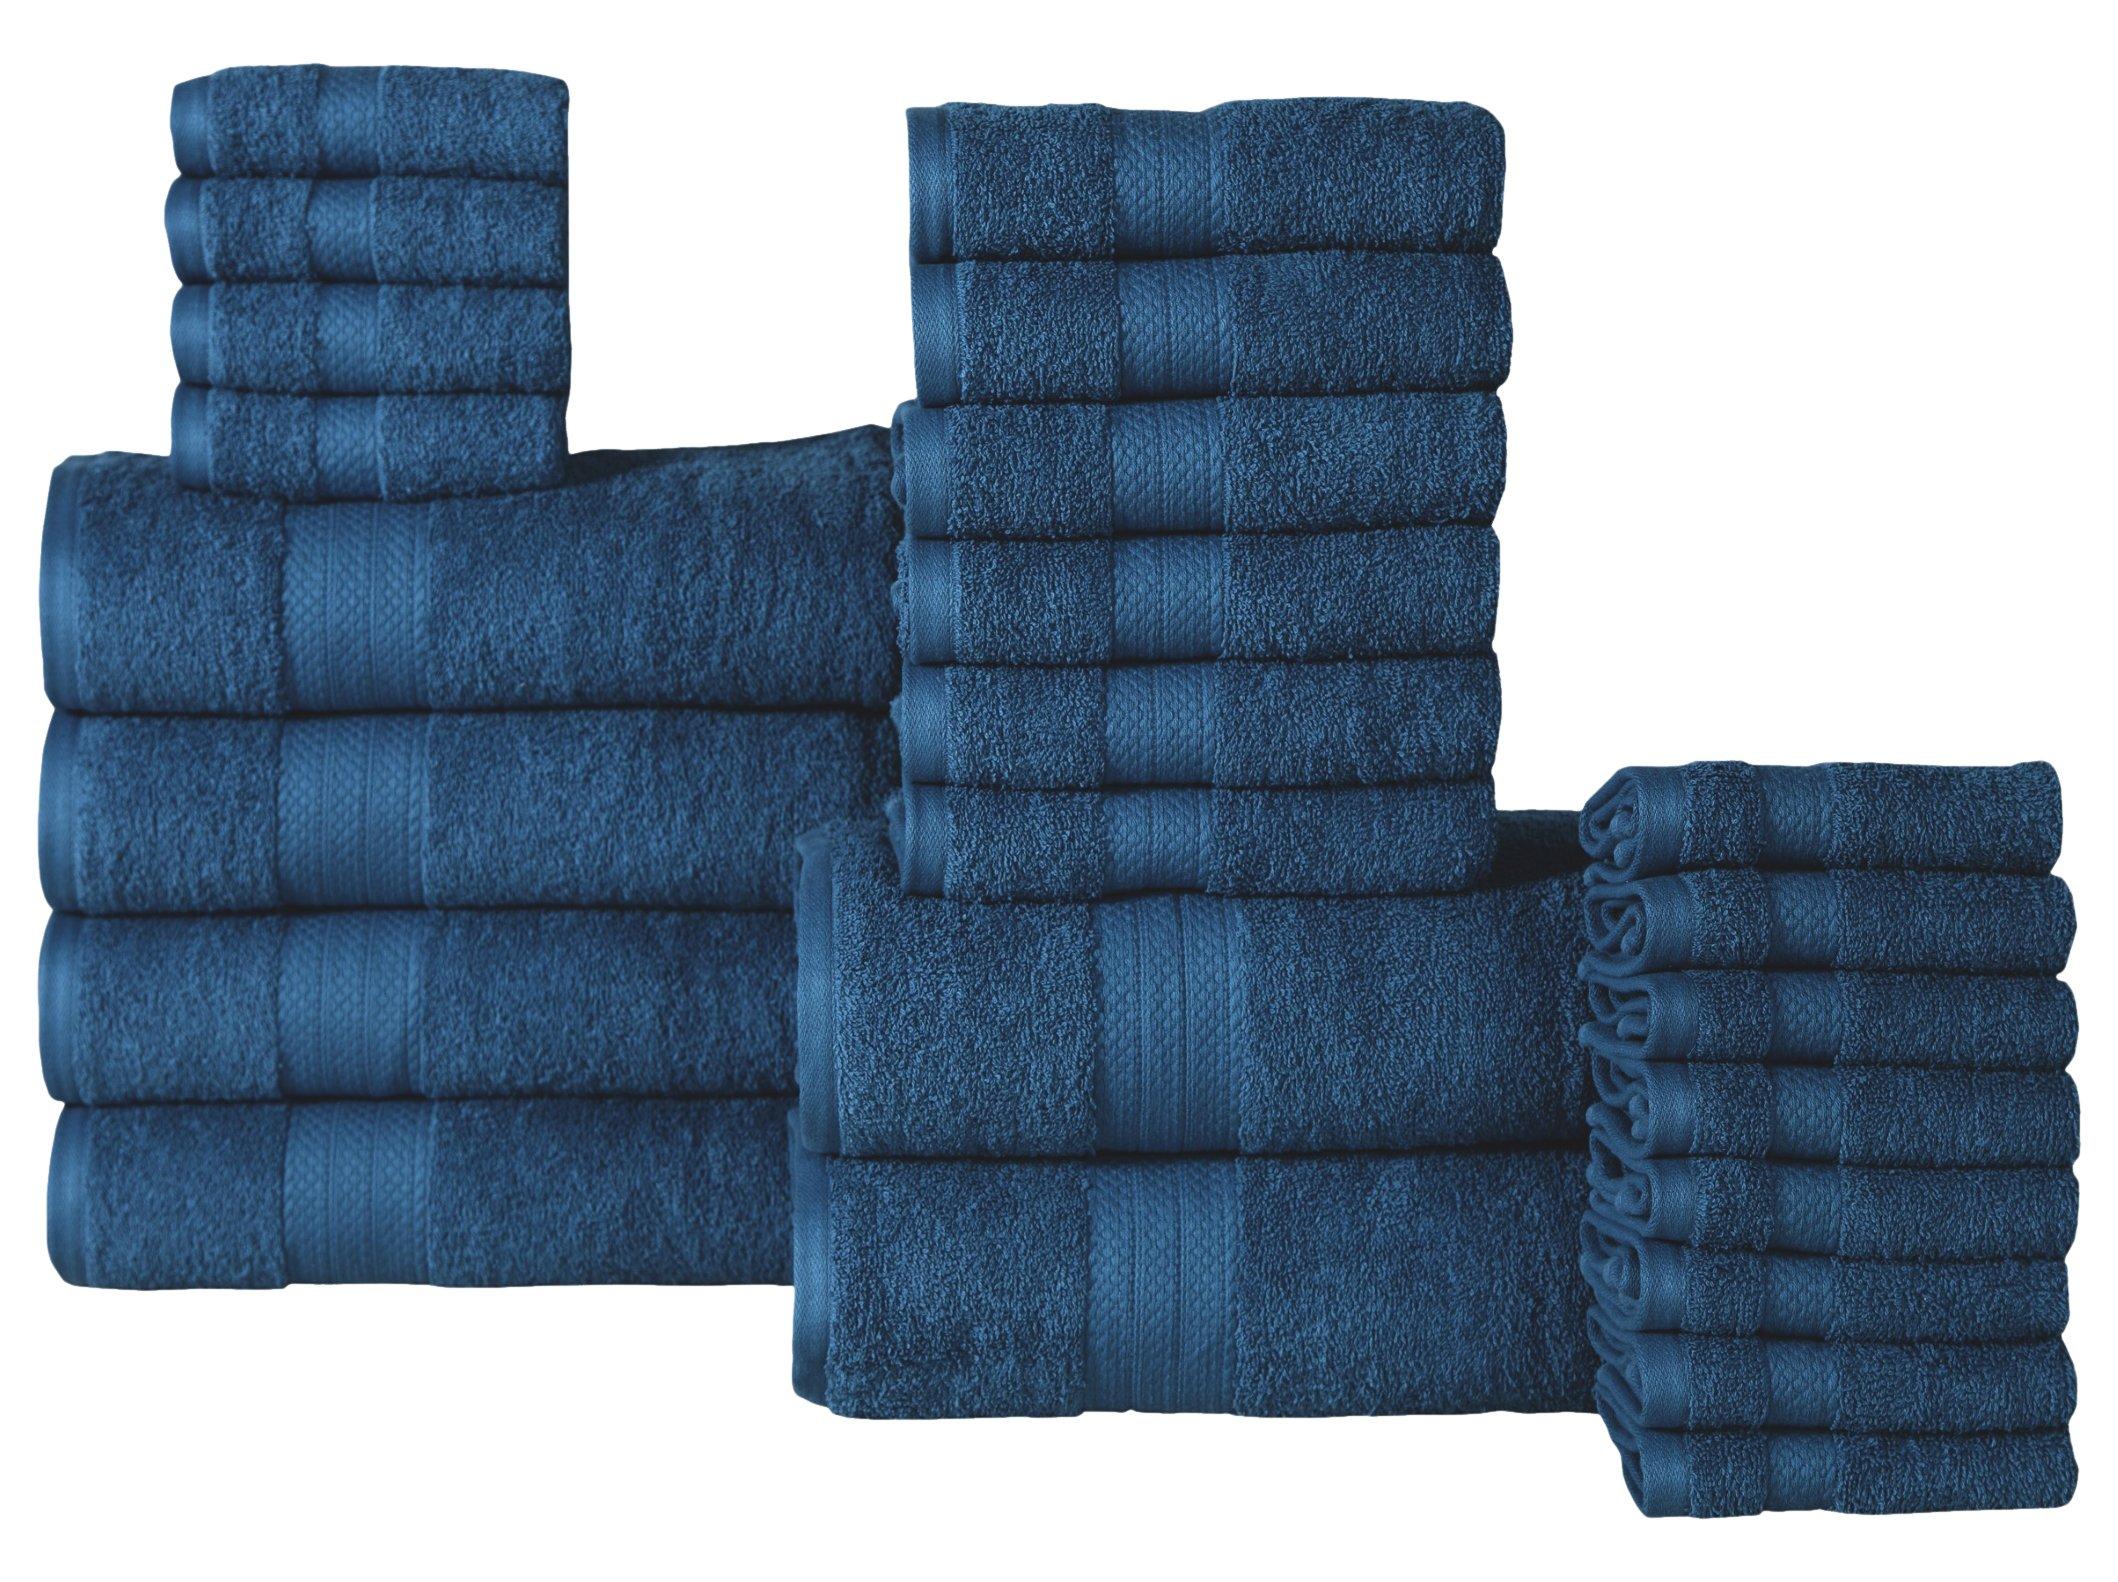 Affinity Home Collection ET24 Economic 24Piece 100% Cotton Bath Towel Set,Denim